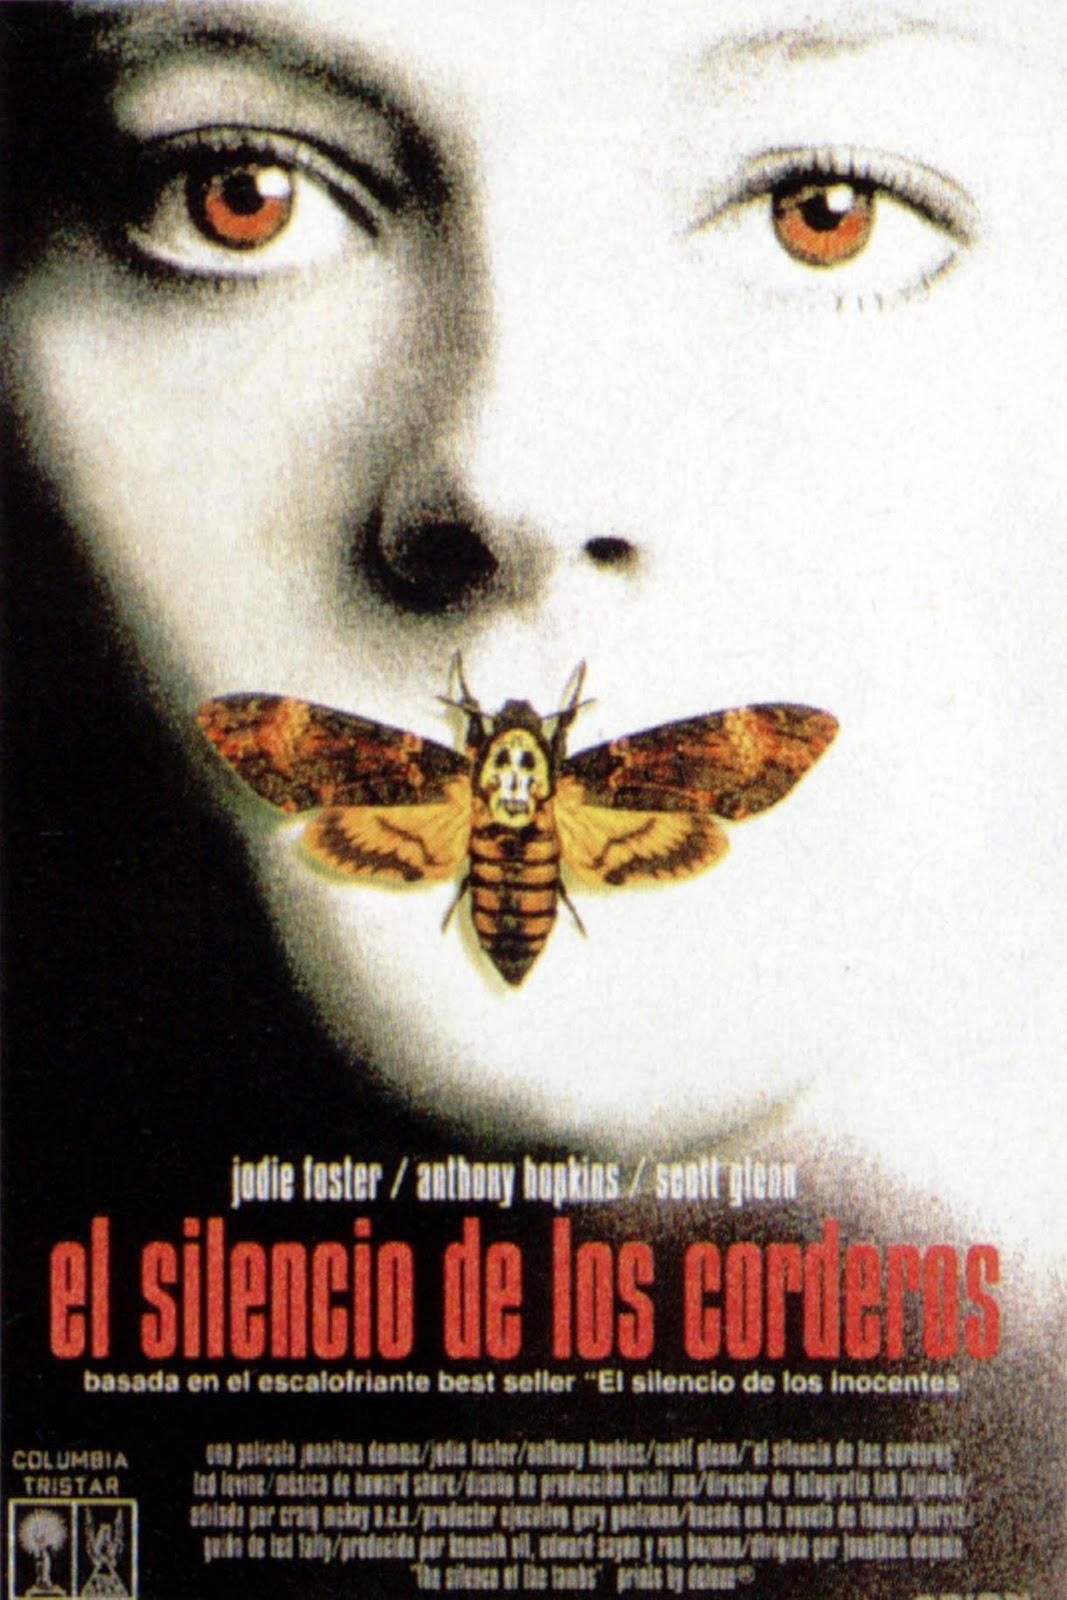 http://1.bp.blogspot.com/-5GFeYDUB1dQ/T4g4qXGBgII/AAAAAAAAEL0/ZQHfN5a-VJI/s1600/el_silencio_de_los_corderos_.jpg